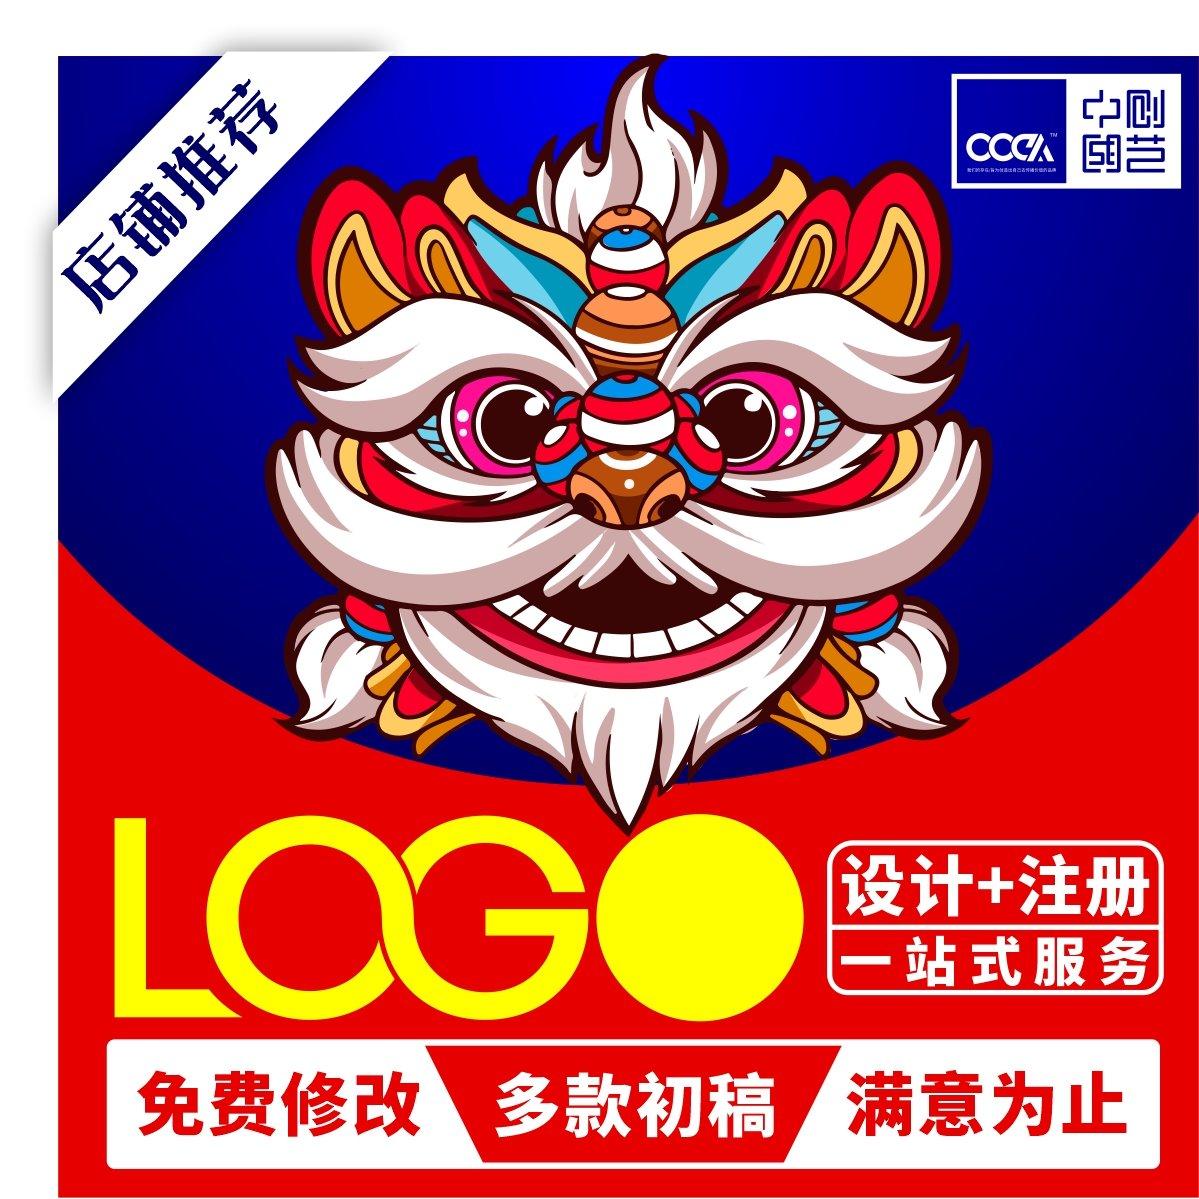 快消品餐饮企业品牌标志logo设计公司标识商标设计logo设